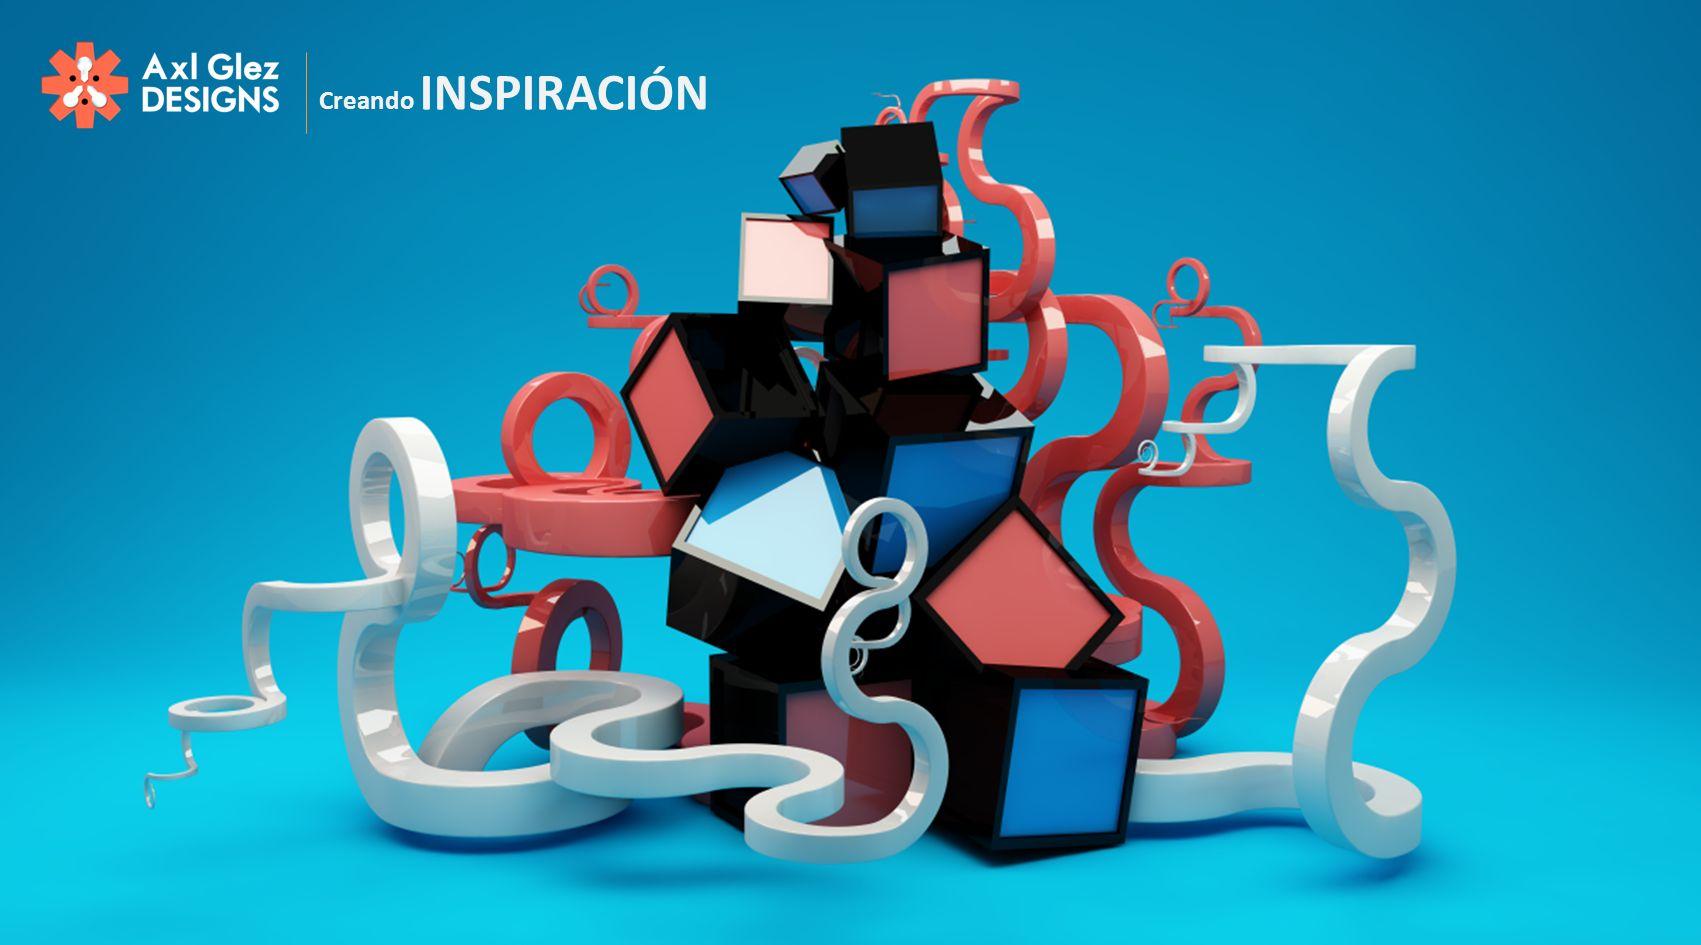 Creando INSPIRACIÓN